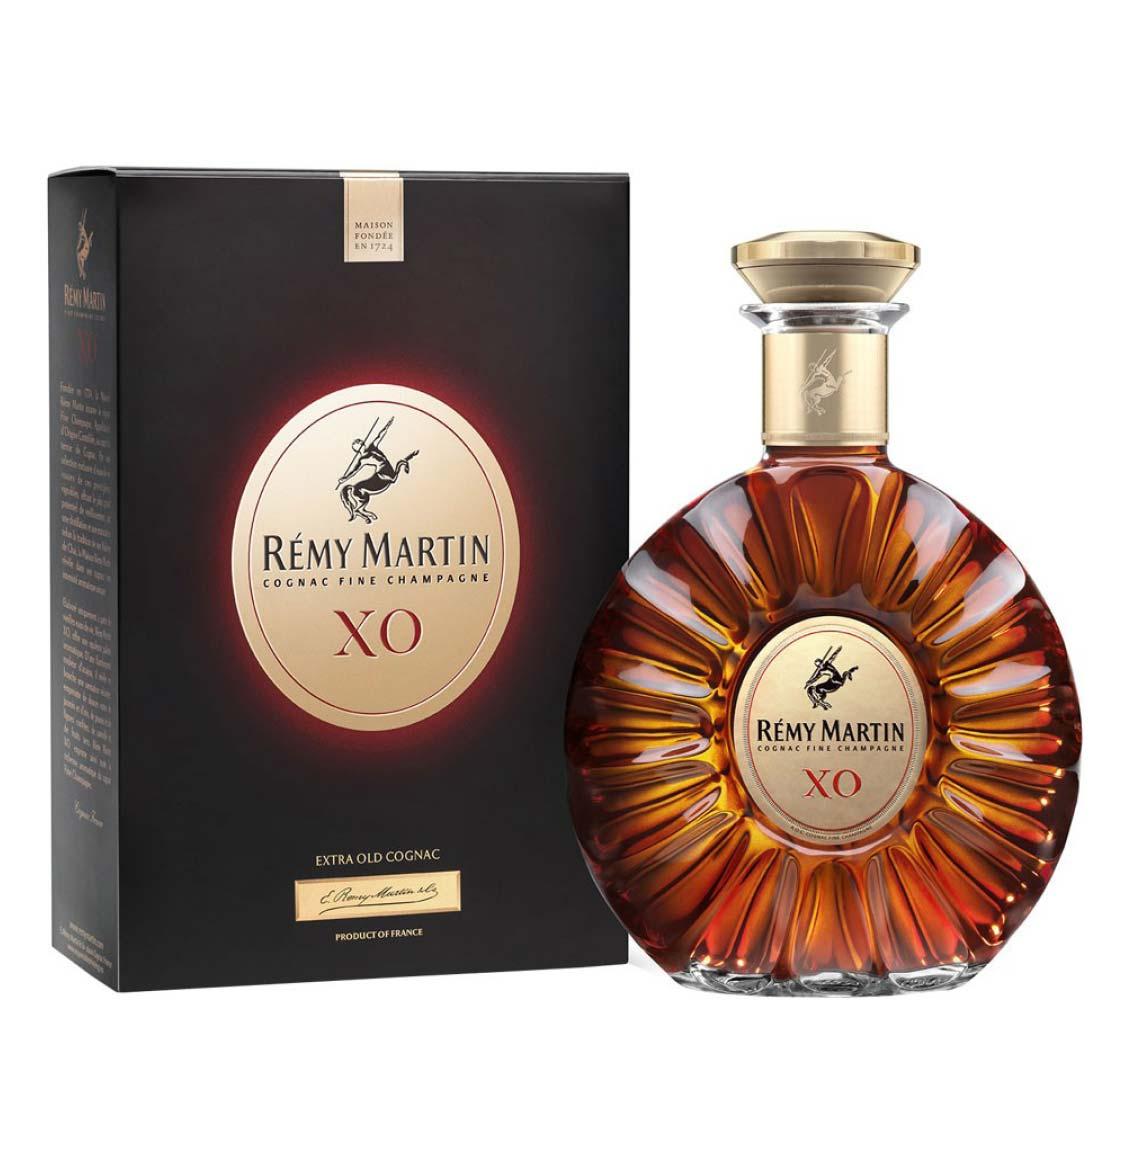 Remy Martin XO Excellence Cognac 700ml